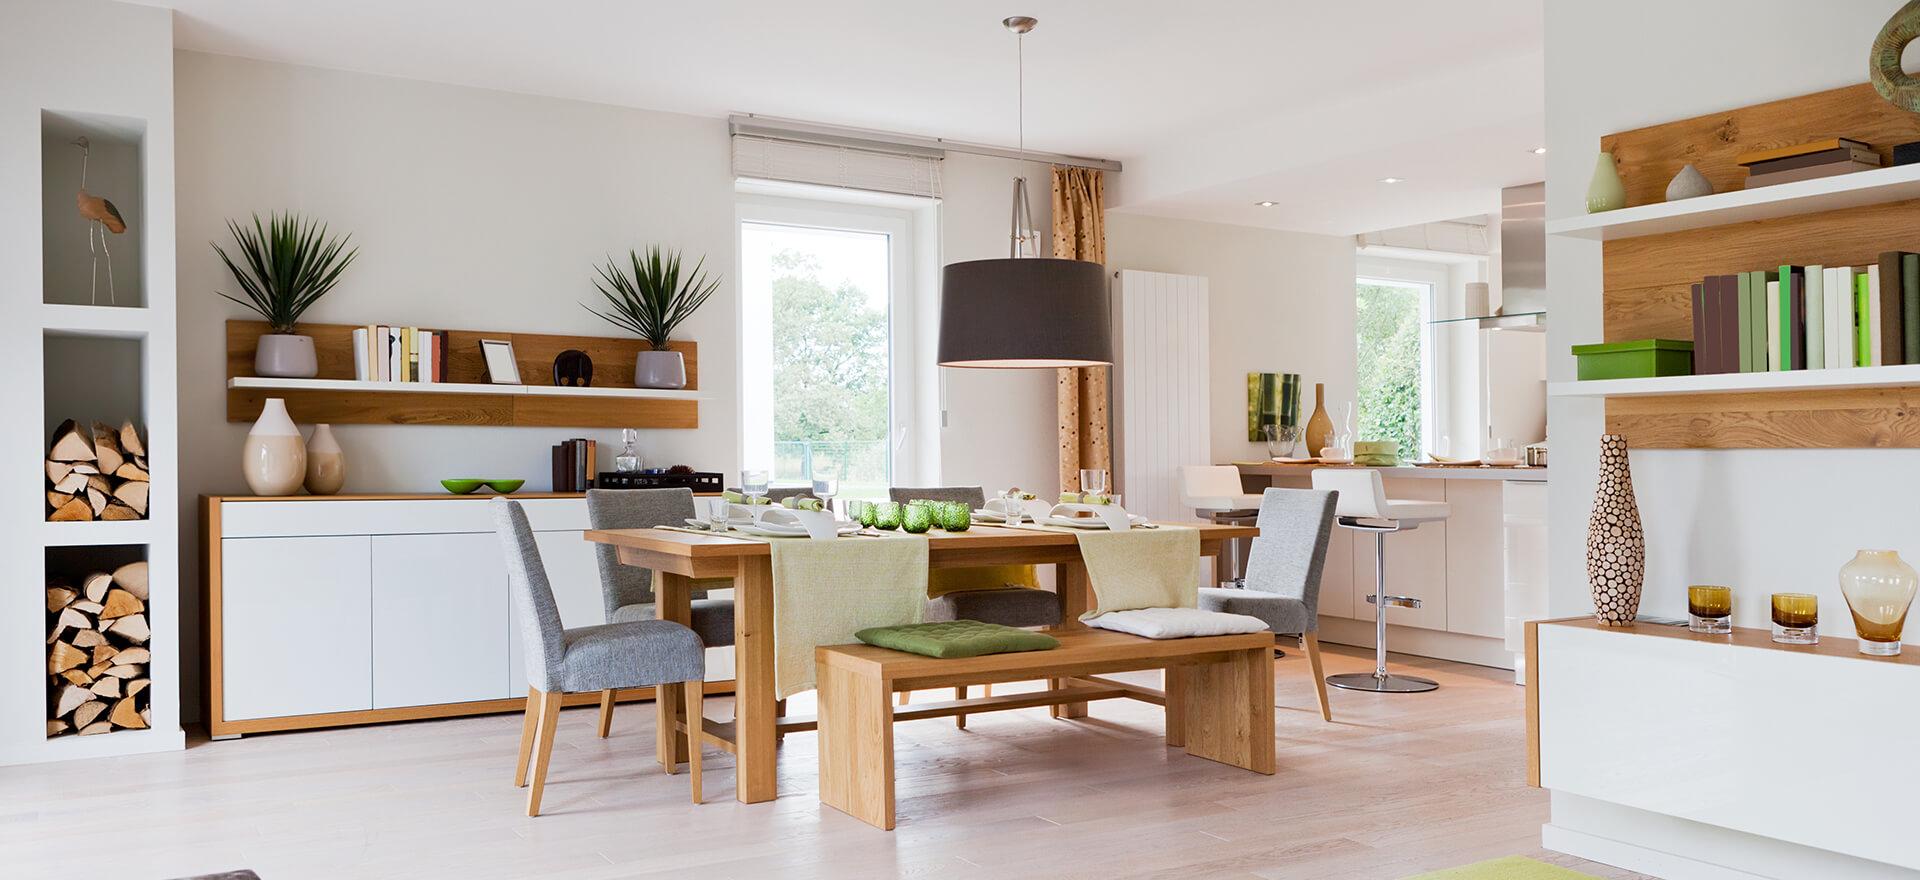 Wooden dinning room